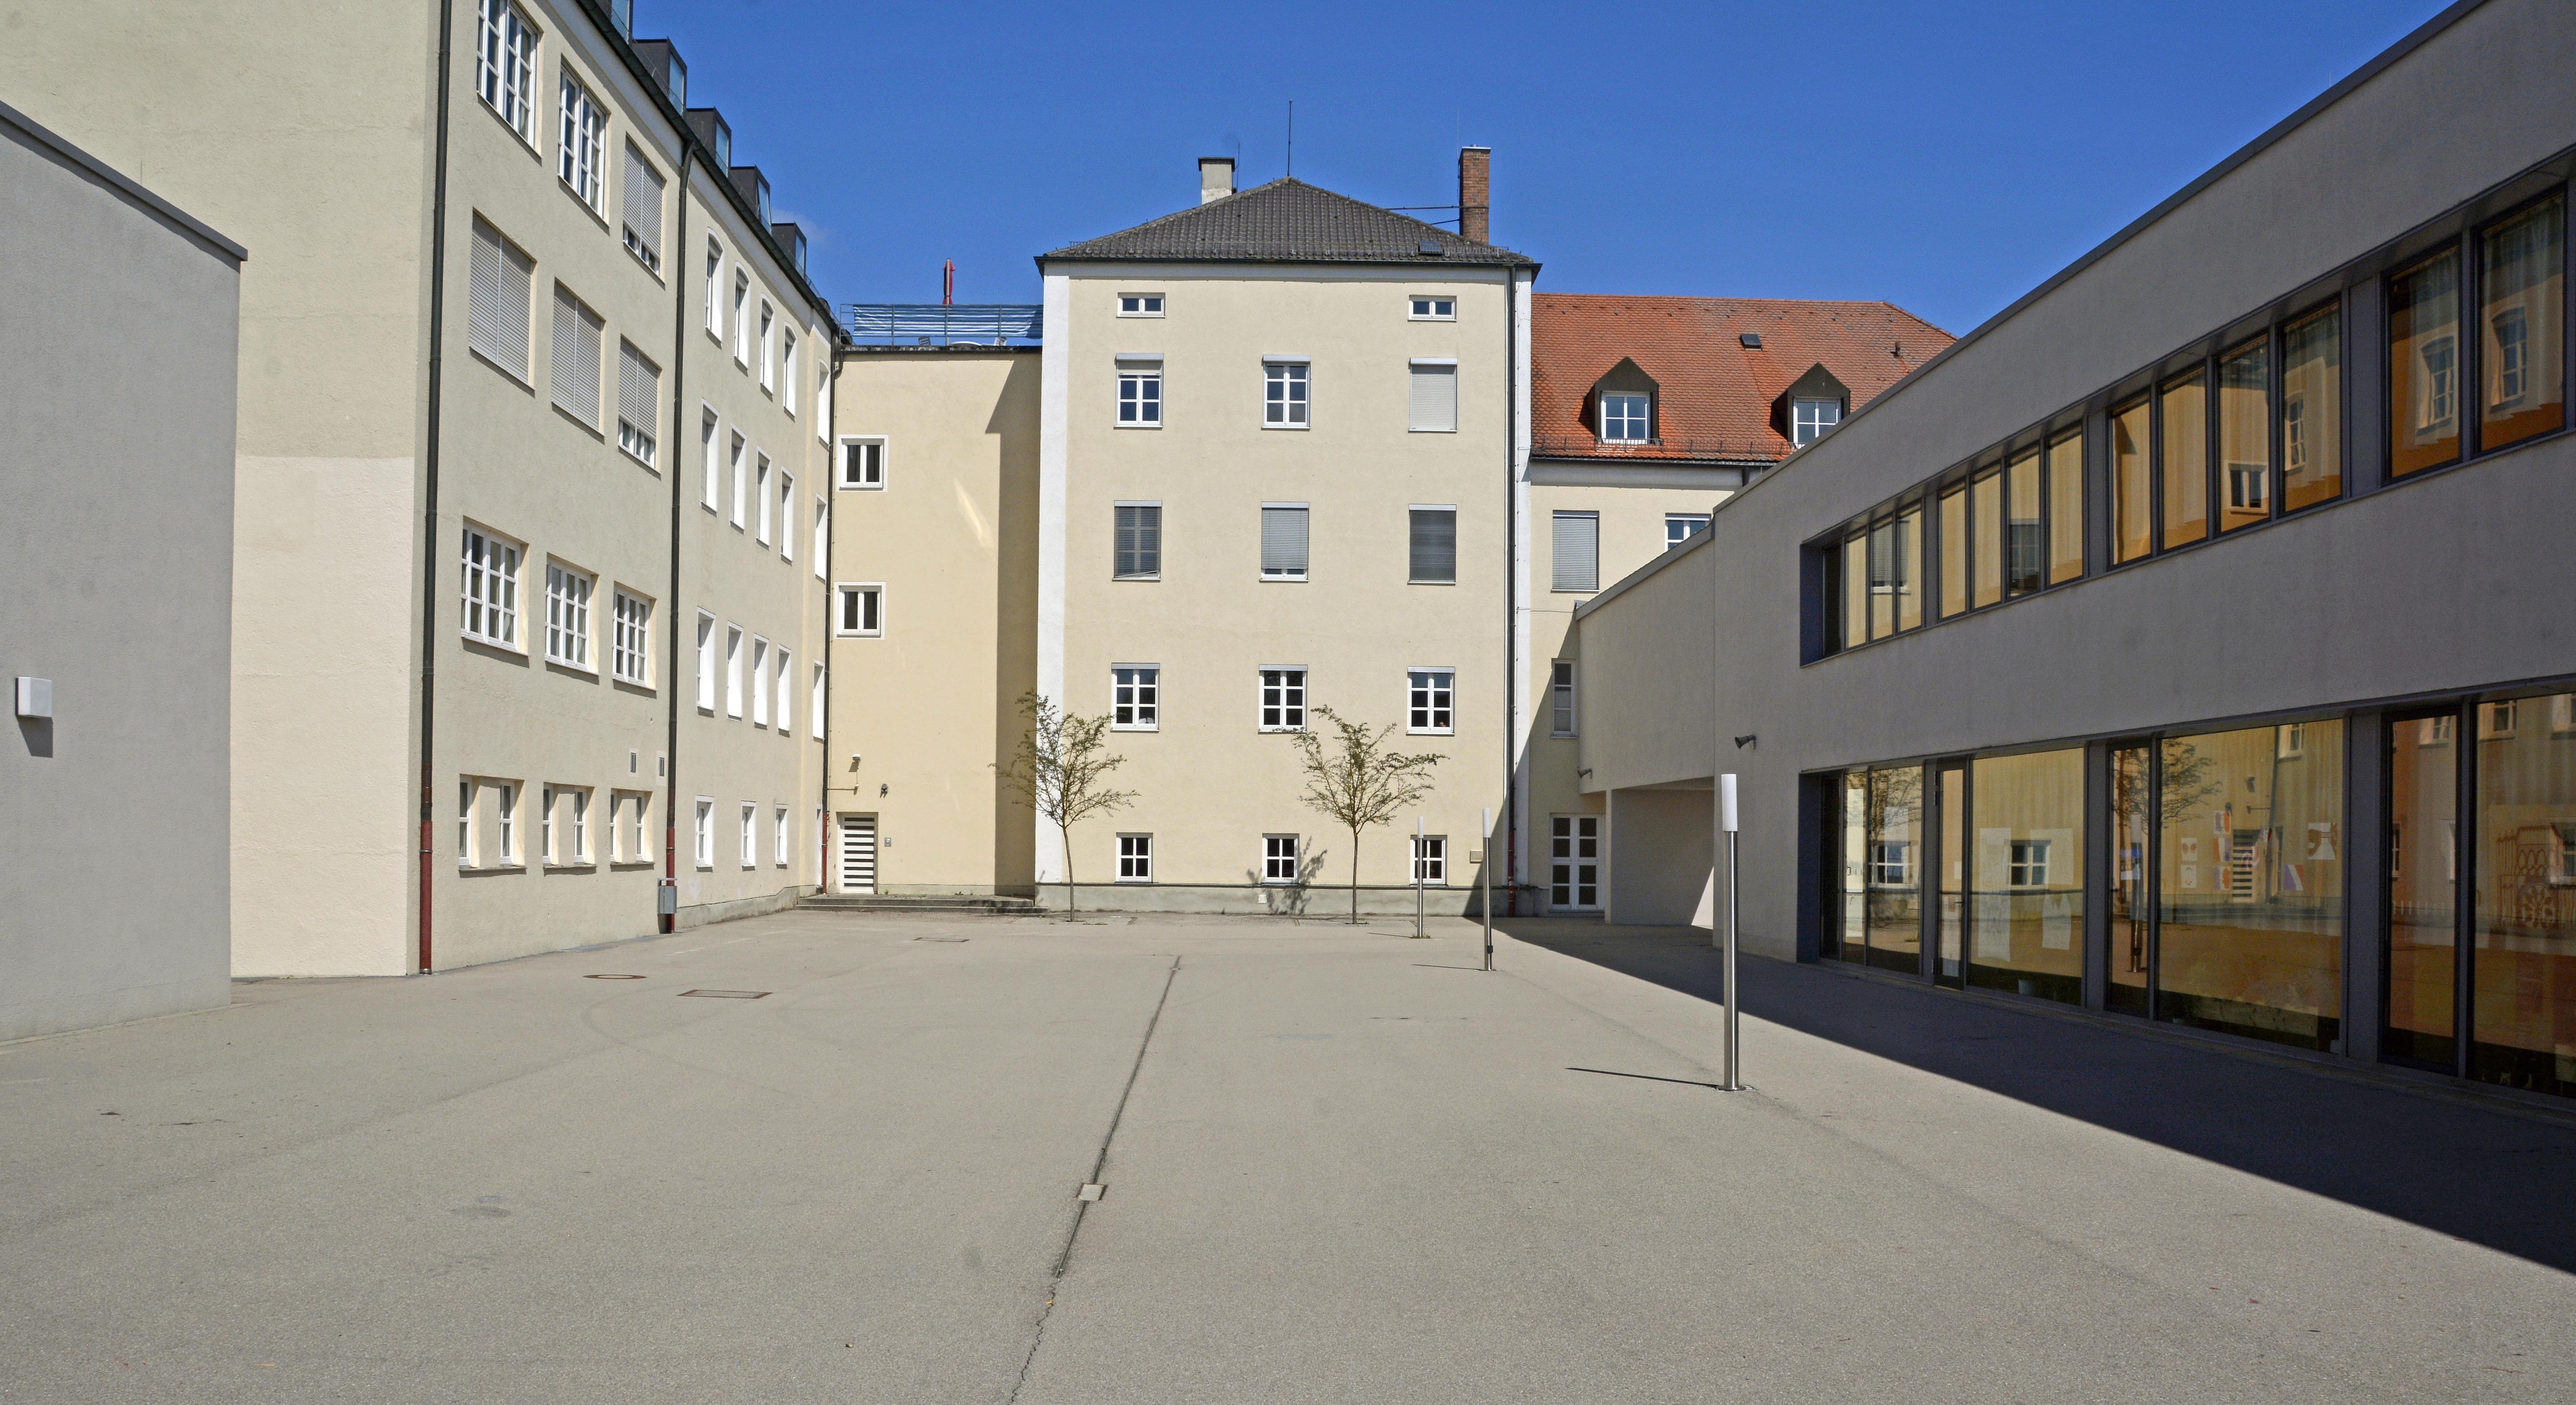 FileErzbischfliche Theresia Gerhardinger Realschule Weichs TGRS